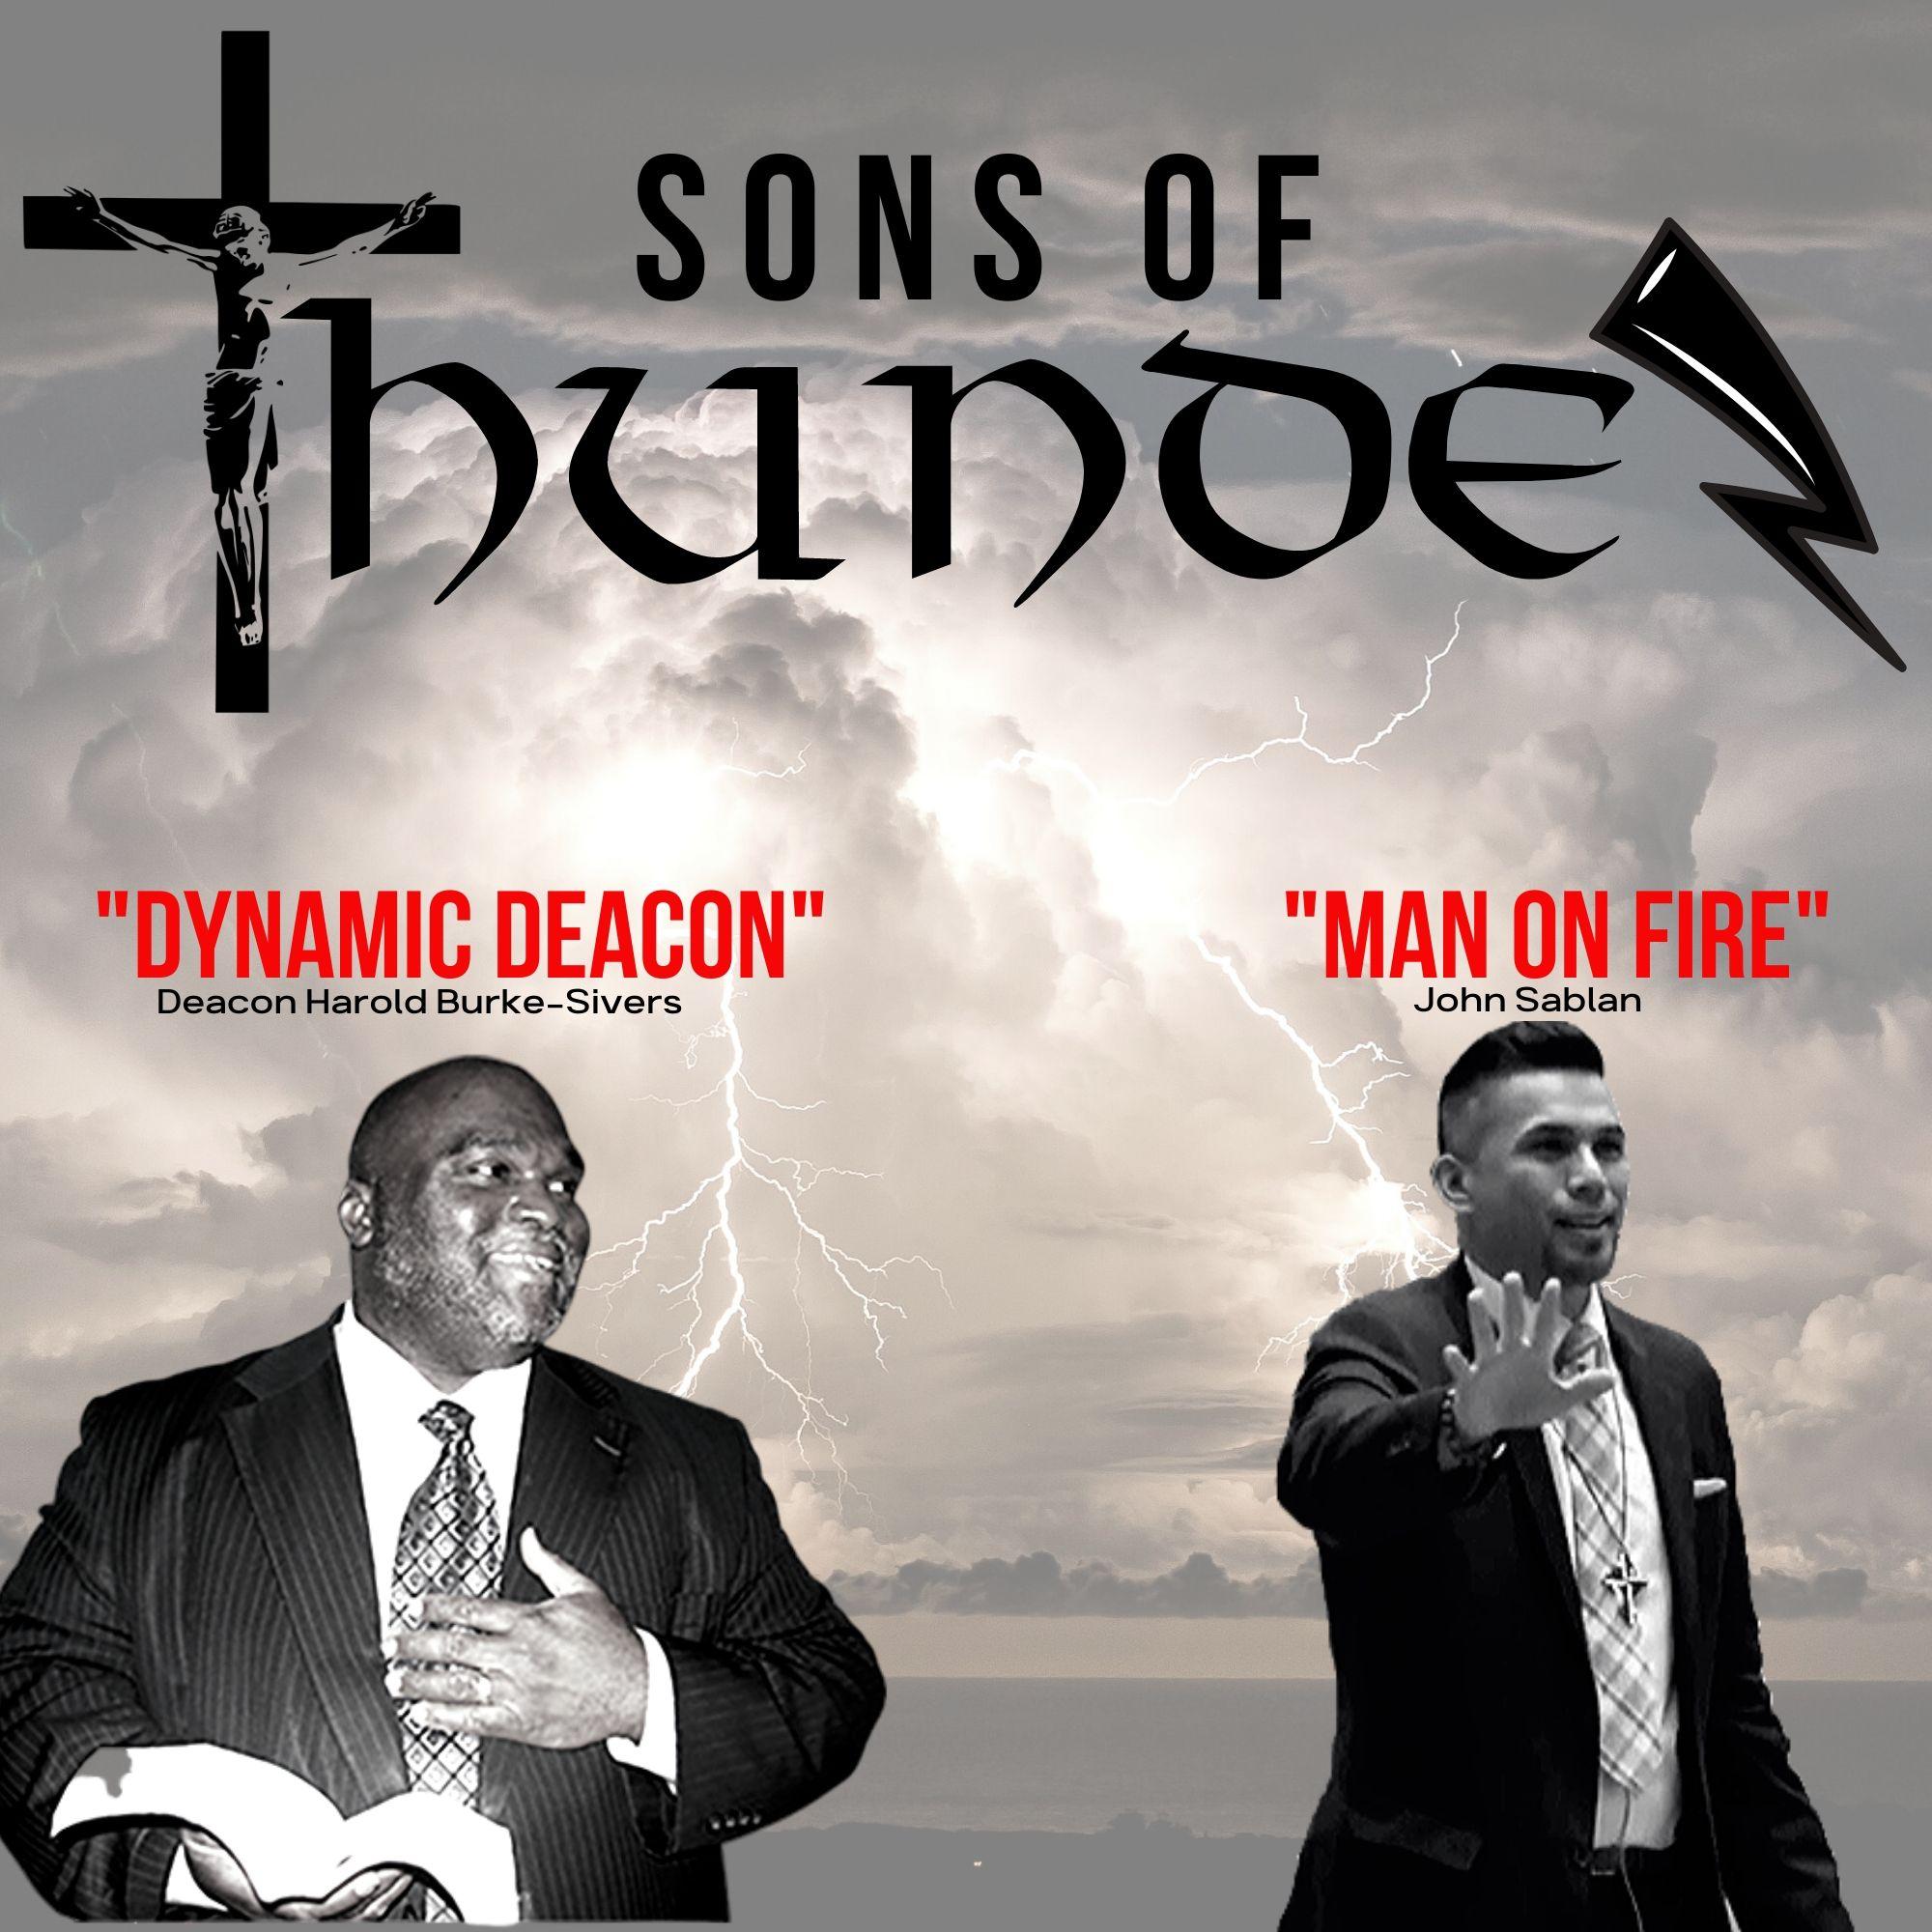 Artwork for podcast Sons of Thunder